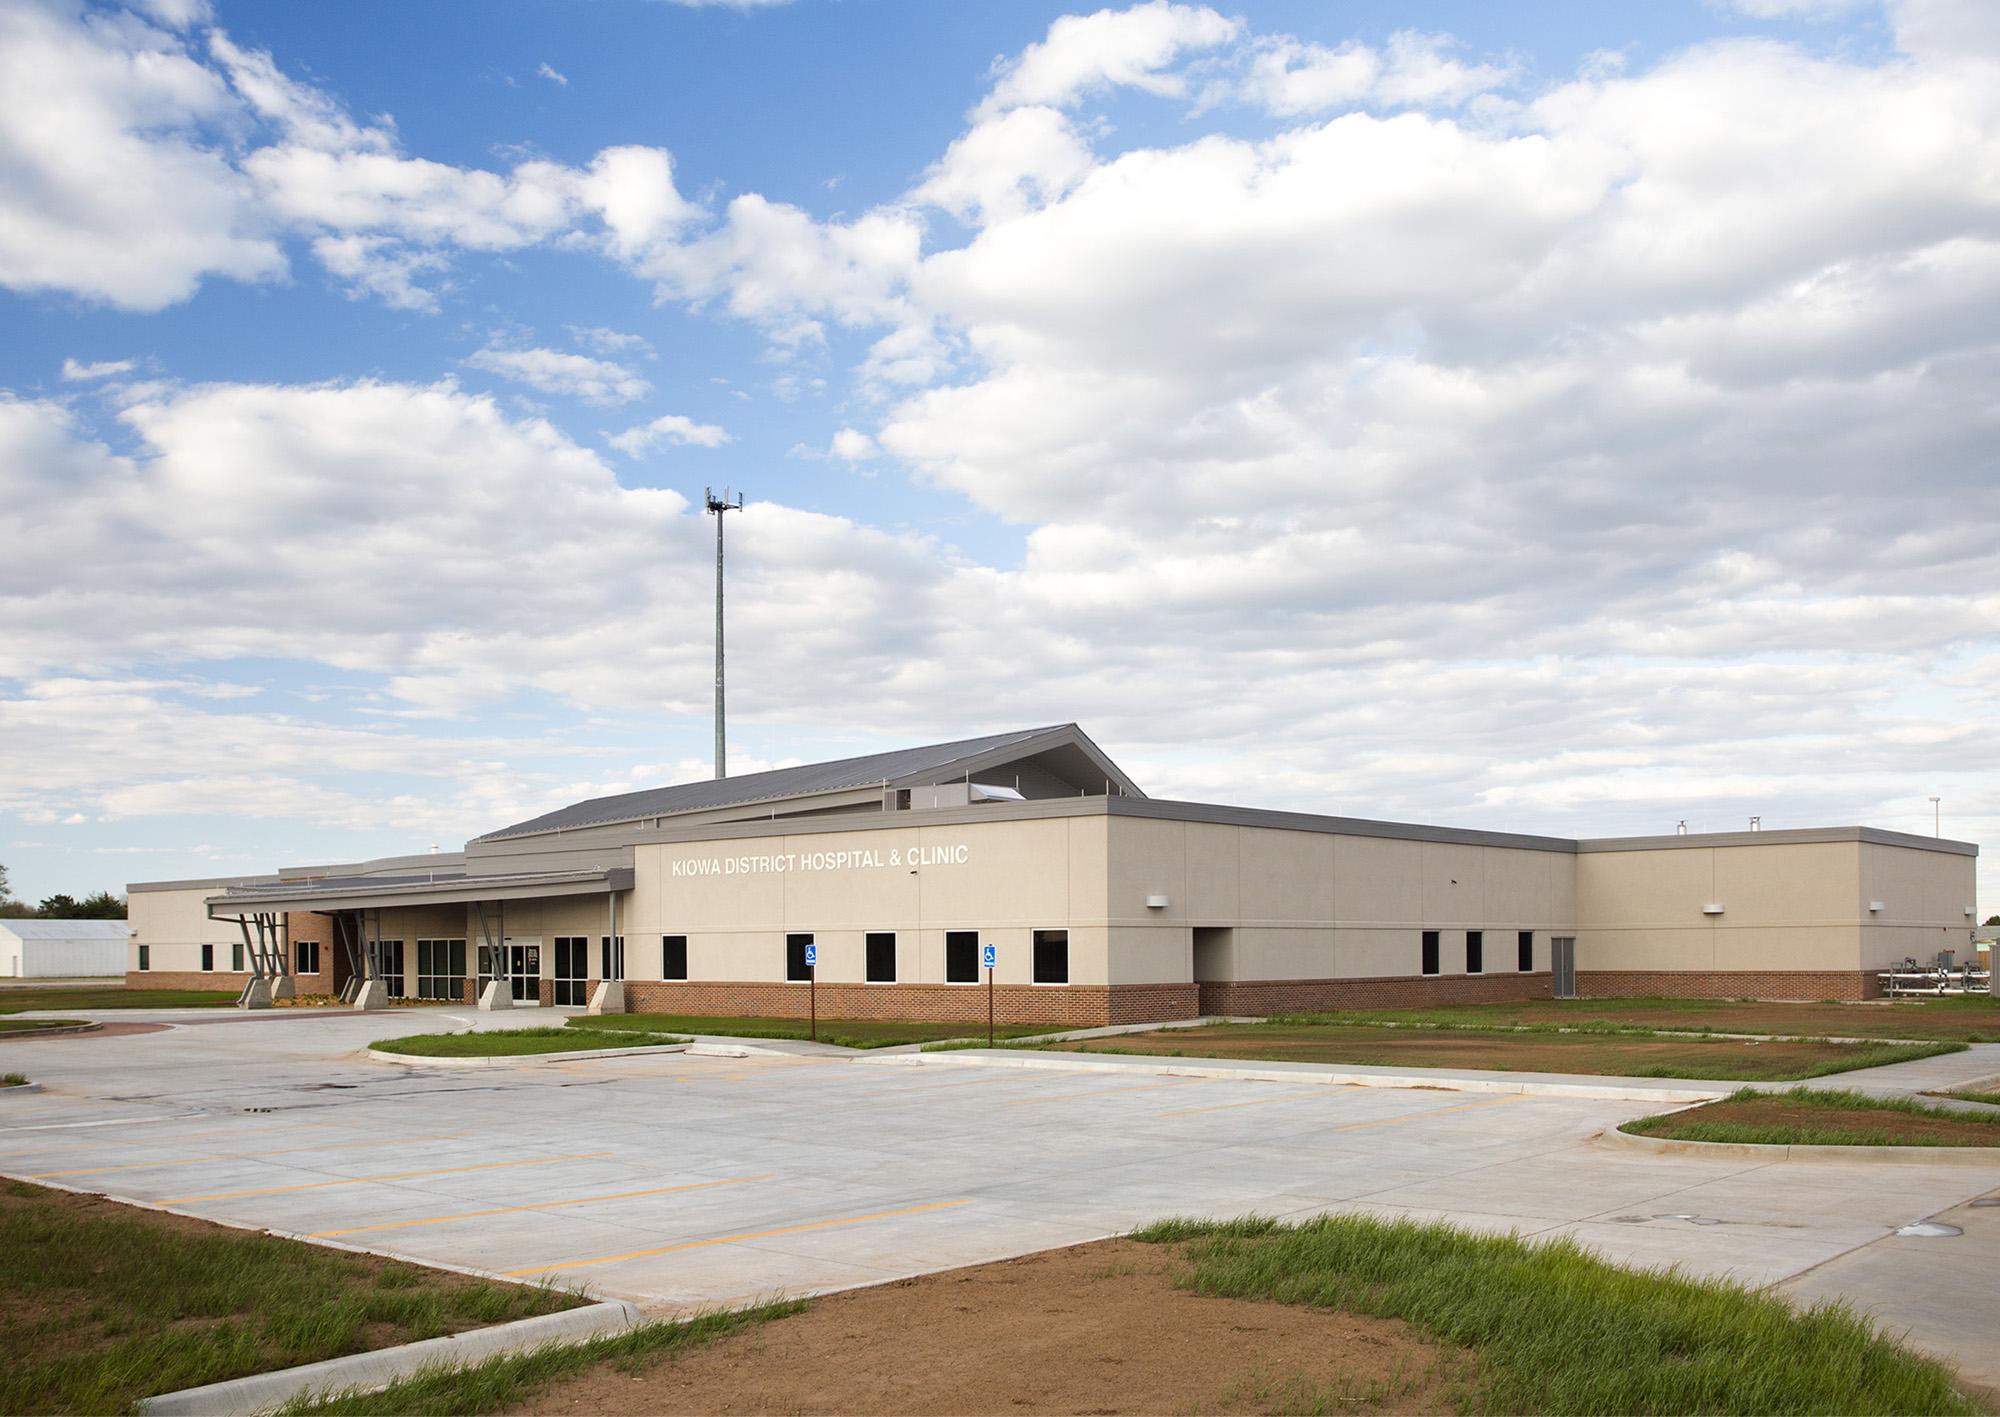 Kiowa District Hospital & Clinic